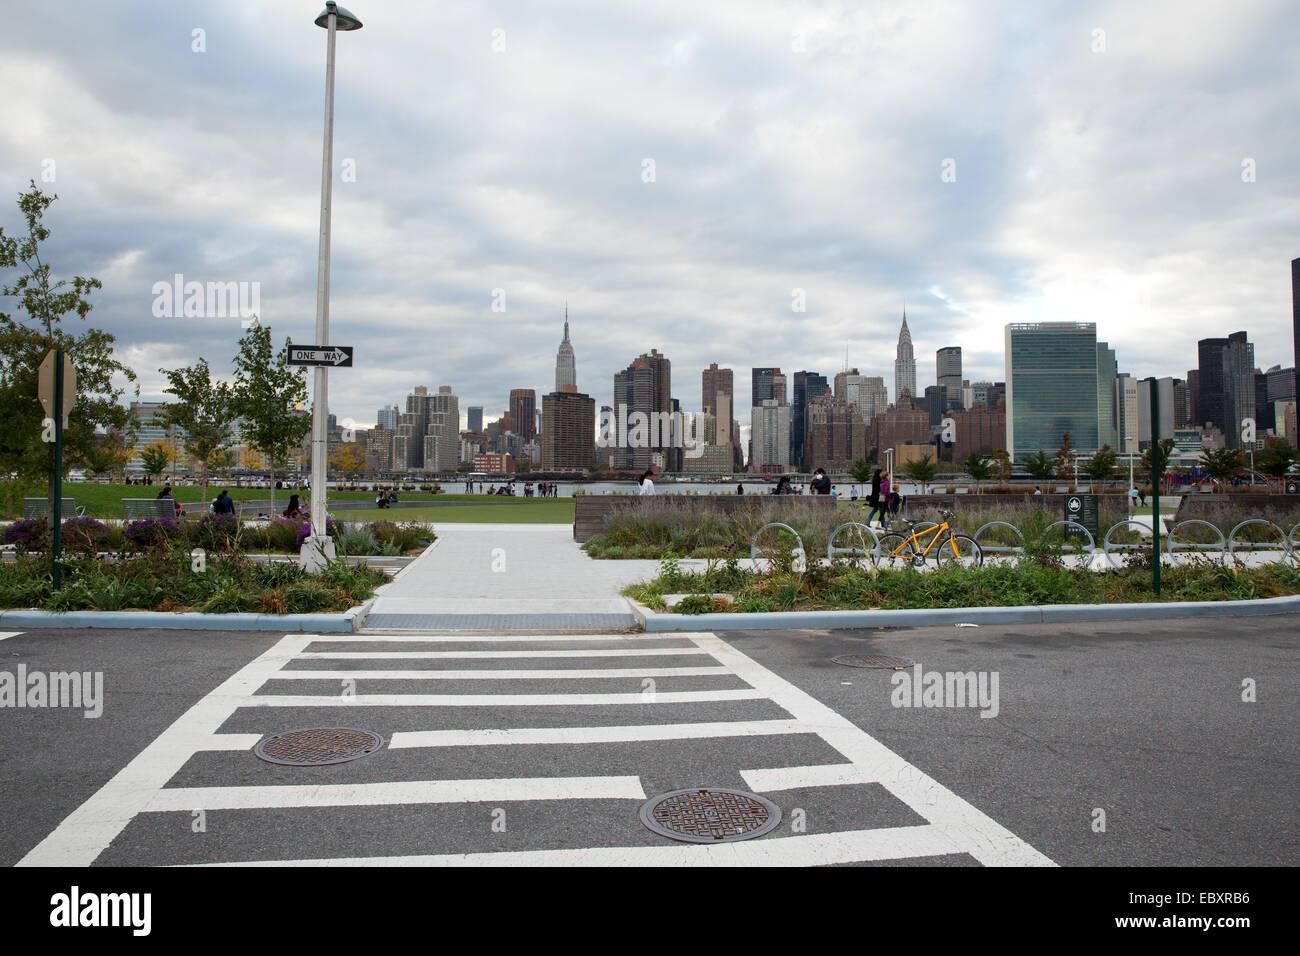 Il cacciatore punto a sud Waterfront Park, Long Island City, Queens, NY, STATI UNITI D'AMERICA, la città Immagini Stock